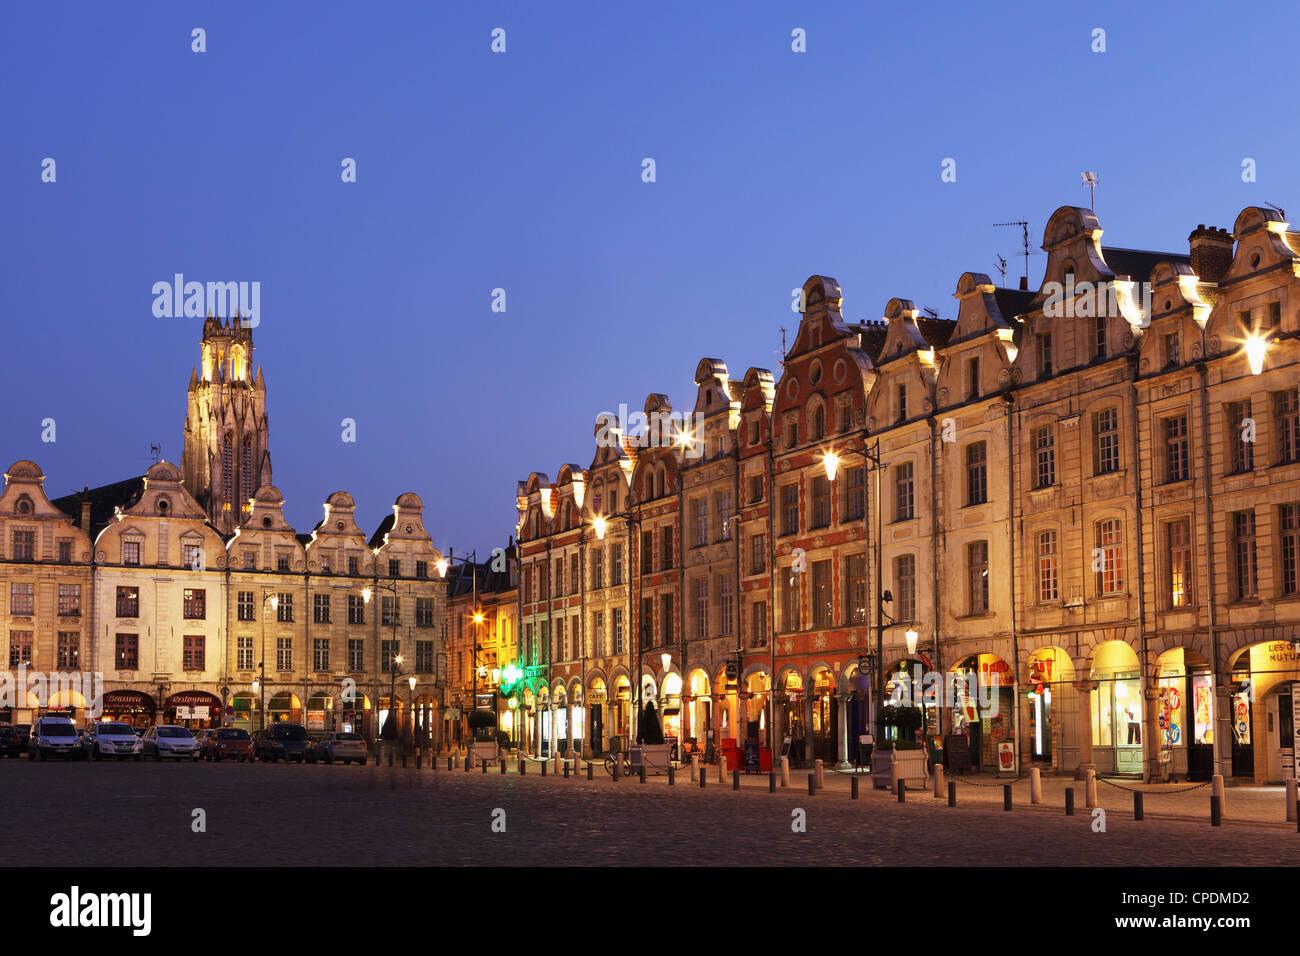 Flämischen Barock-Architektur in der Nacht auf Petite-Platz (Platz des Heros), Arras, Nord-Pas-de-Calais, Frankreich, Stockbild